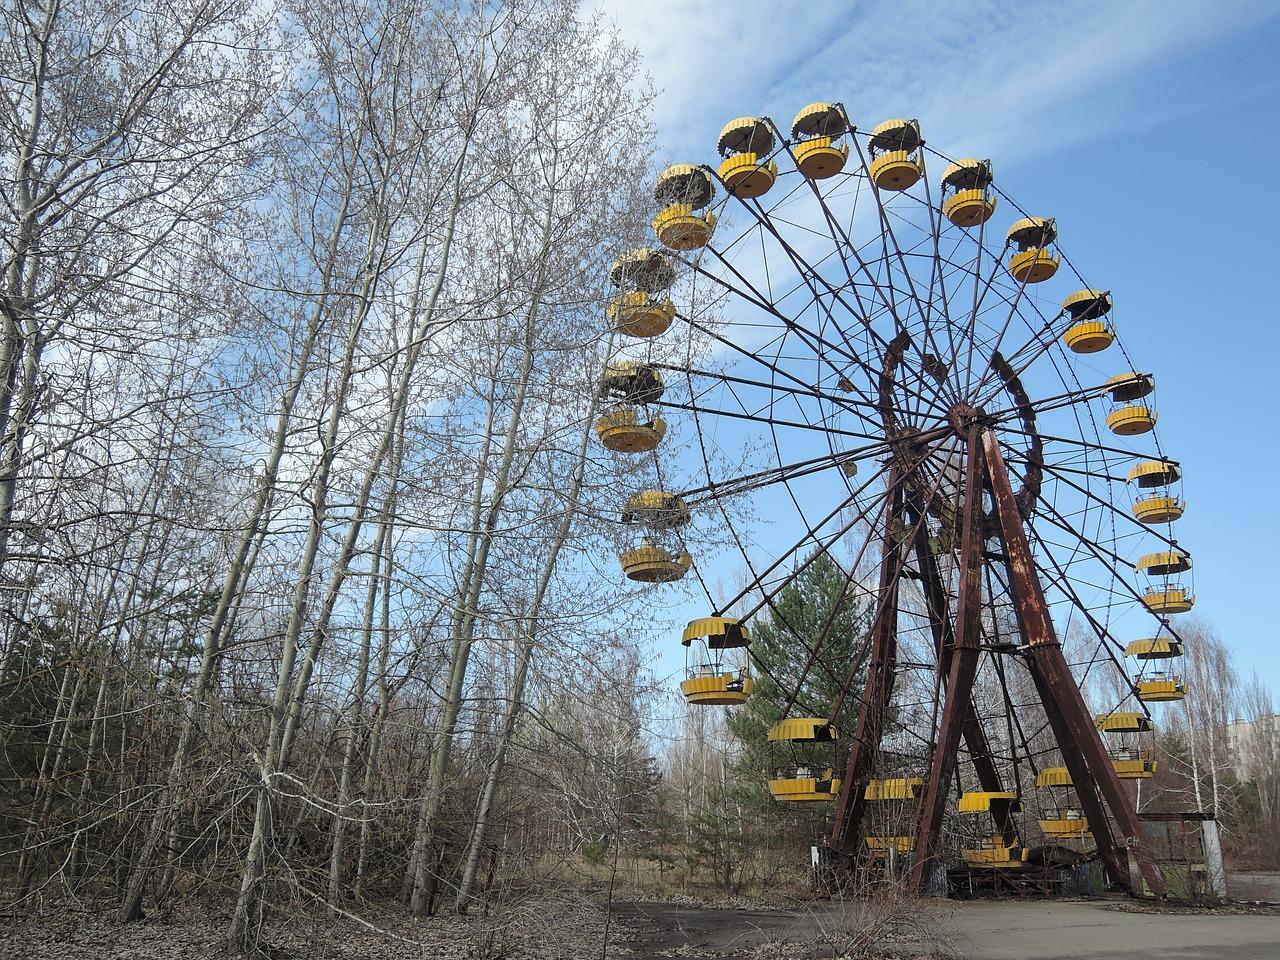 tsernobyl ukraina kiinalainen horoskooppi uusivuosi rotan vuosi